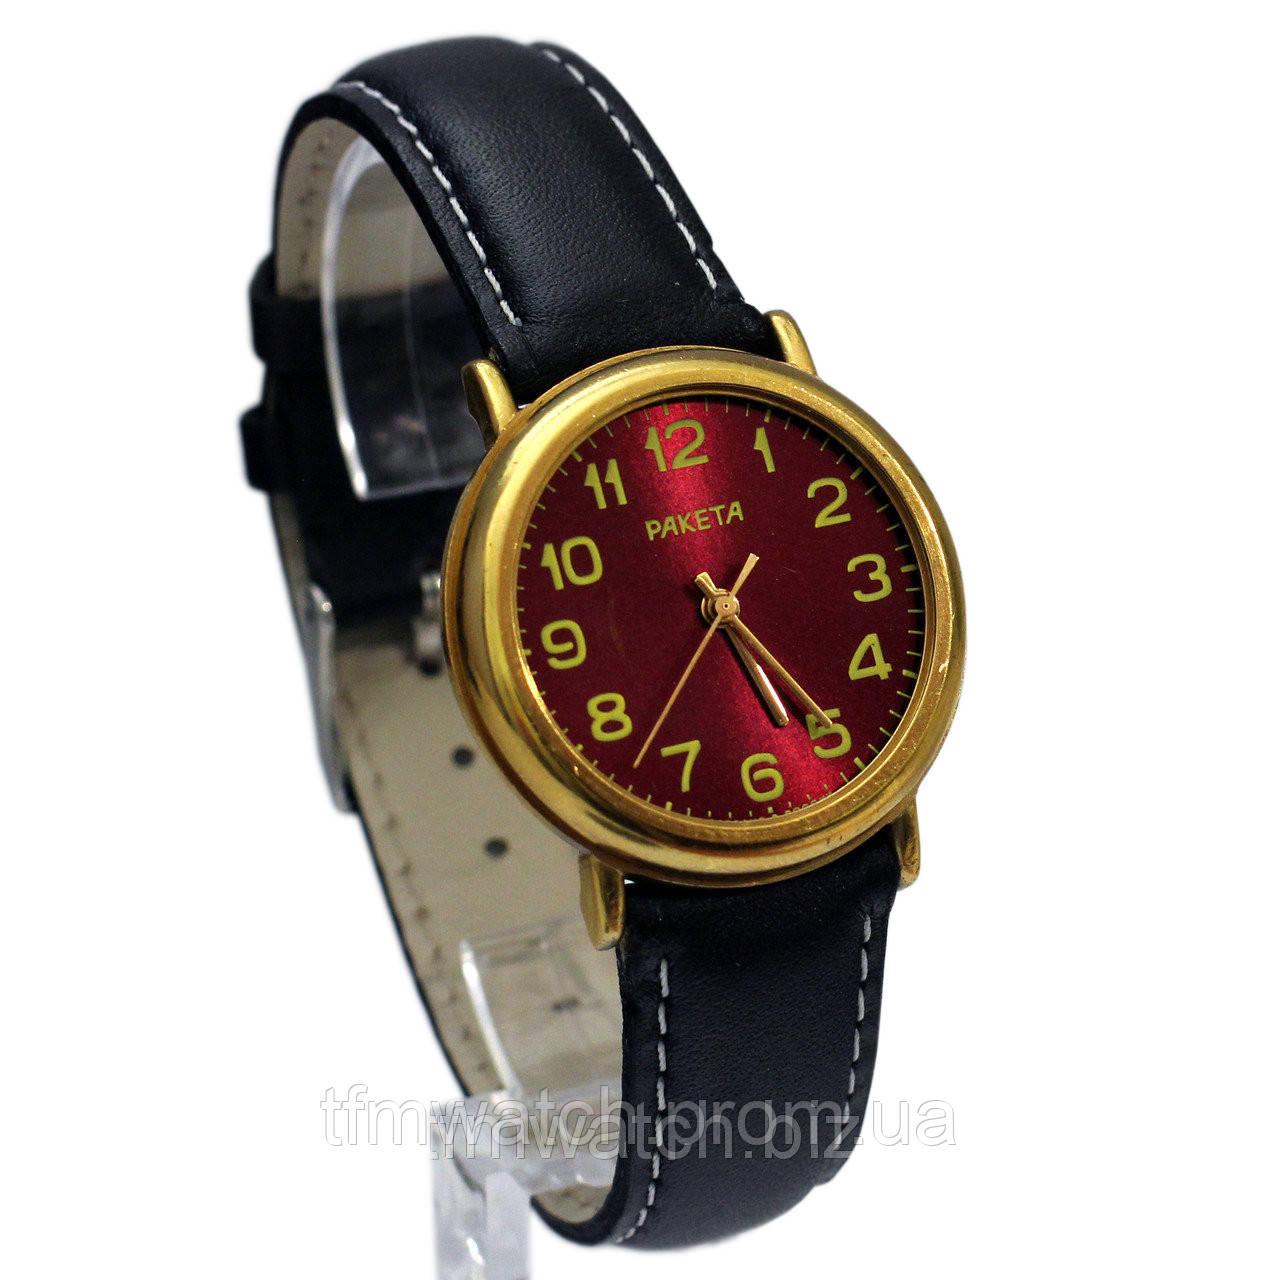 Ракета часы наручные продать старые продать цена наручные ракета часы ссср